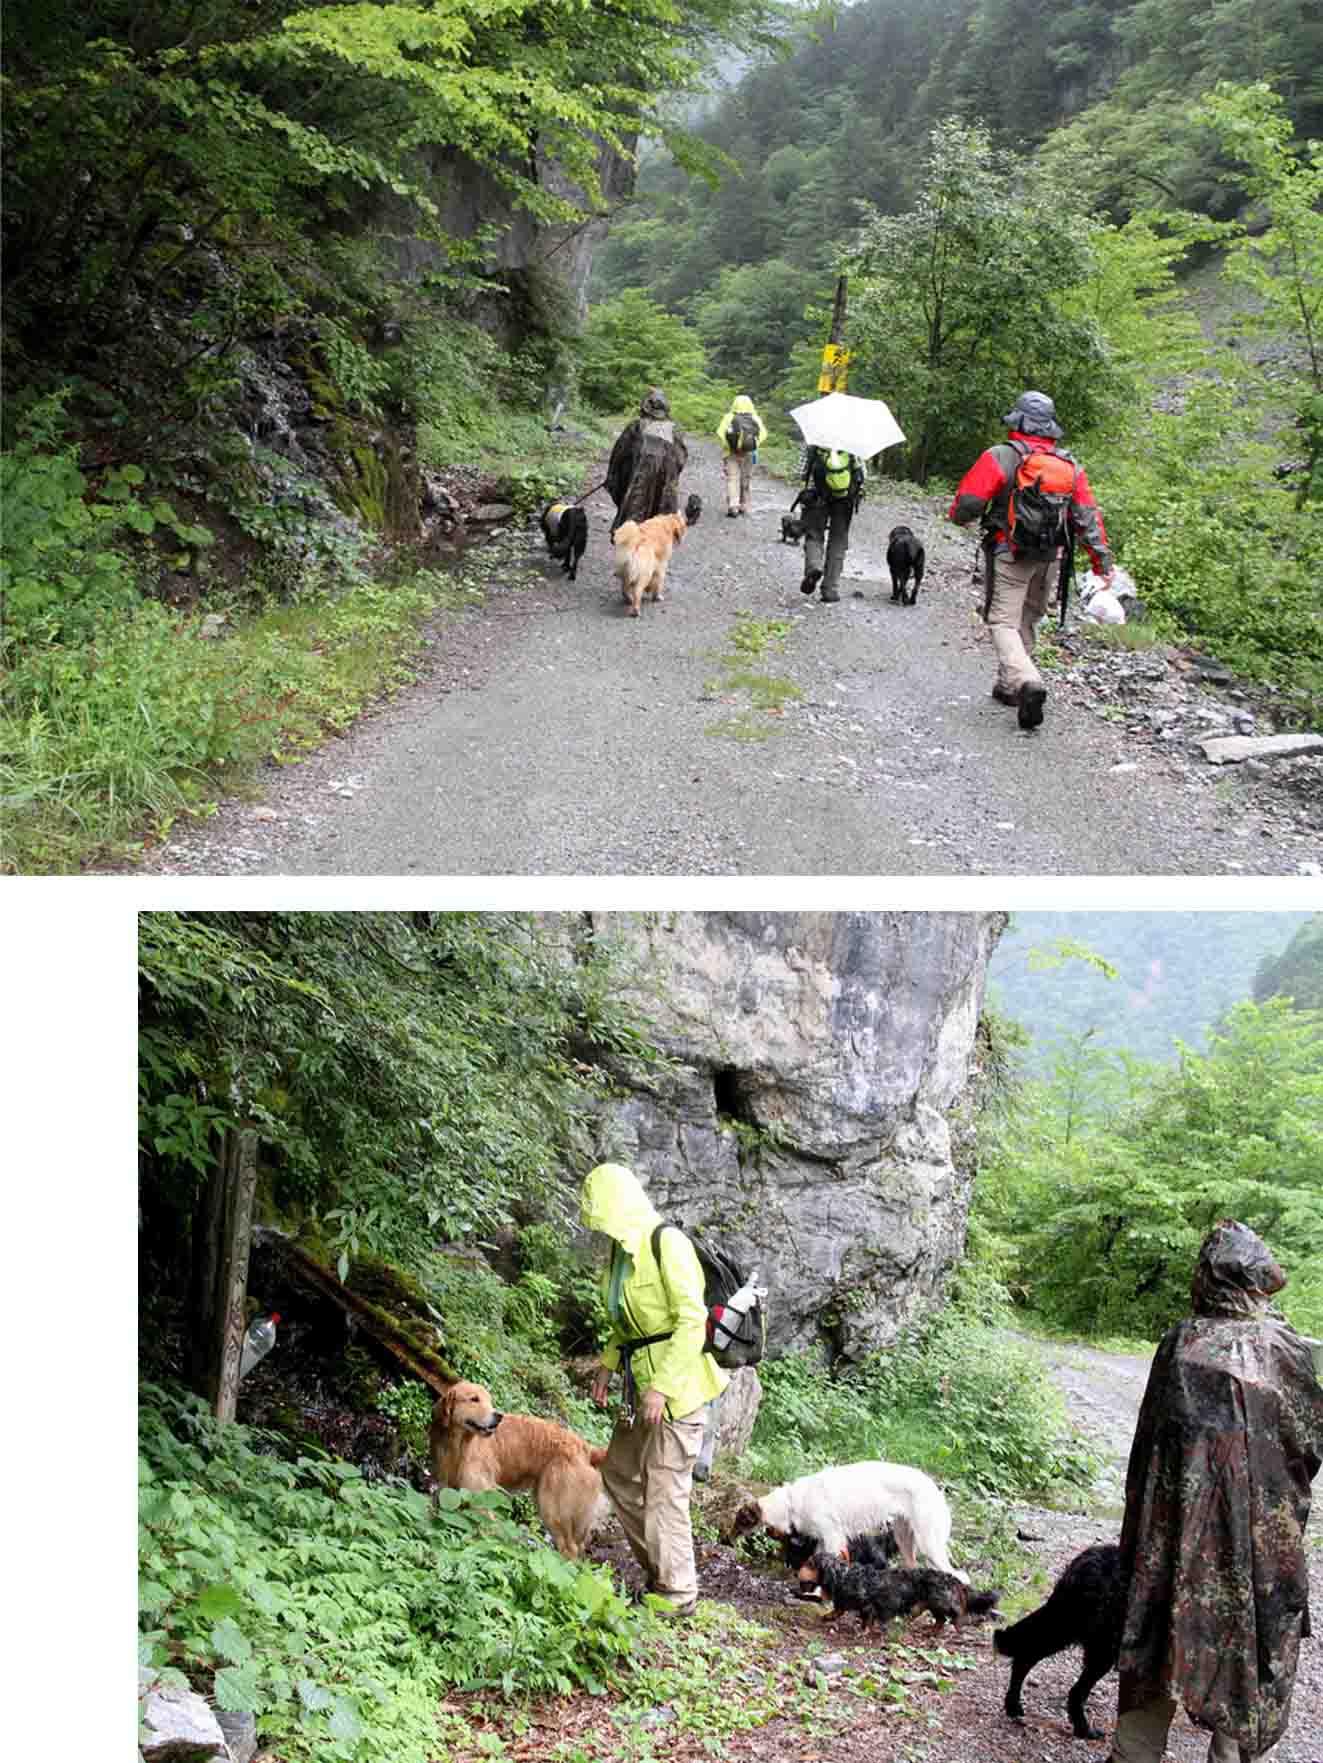 三峰川 7月14日 俄か雨の帰路(2)